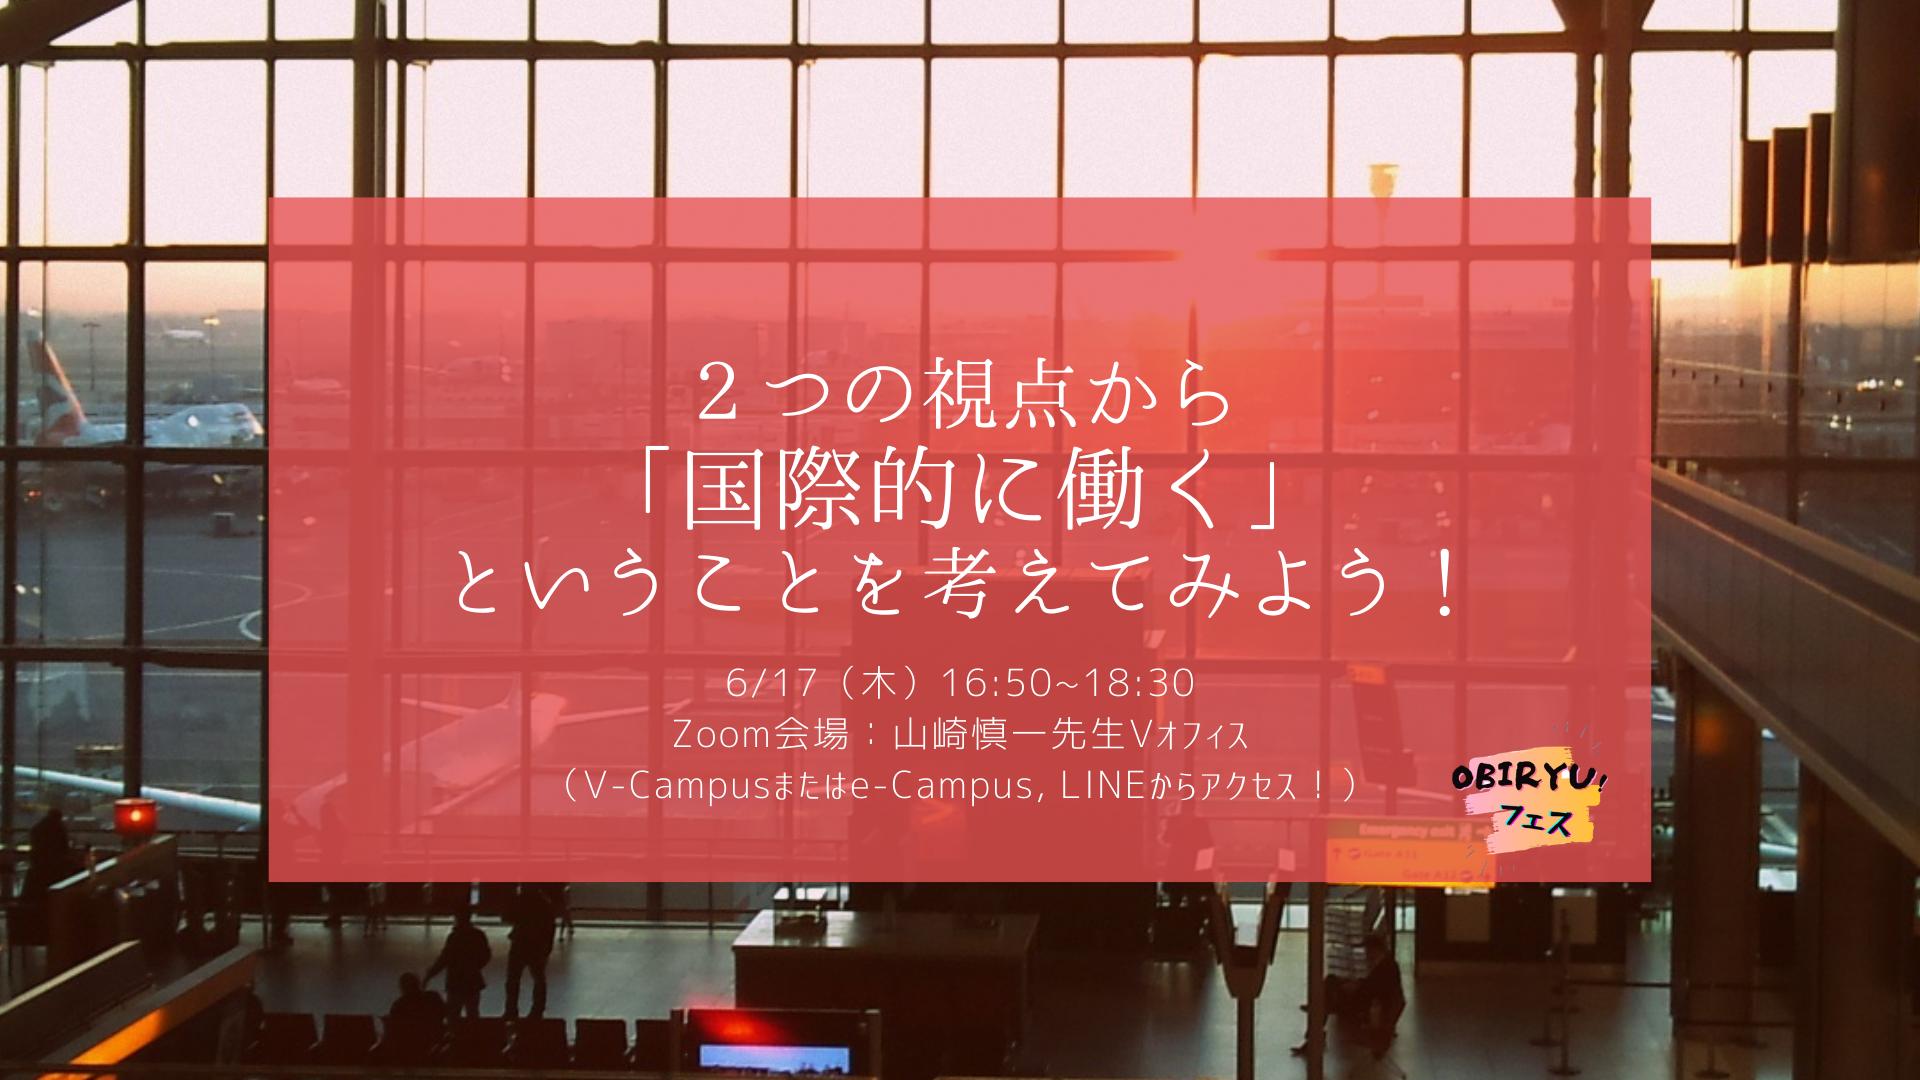 【イベント】6/17 2つの視点から「国際的に働く」ということを考えてみよう!